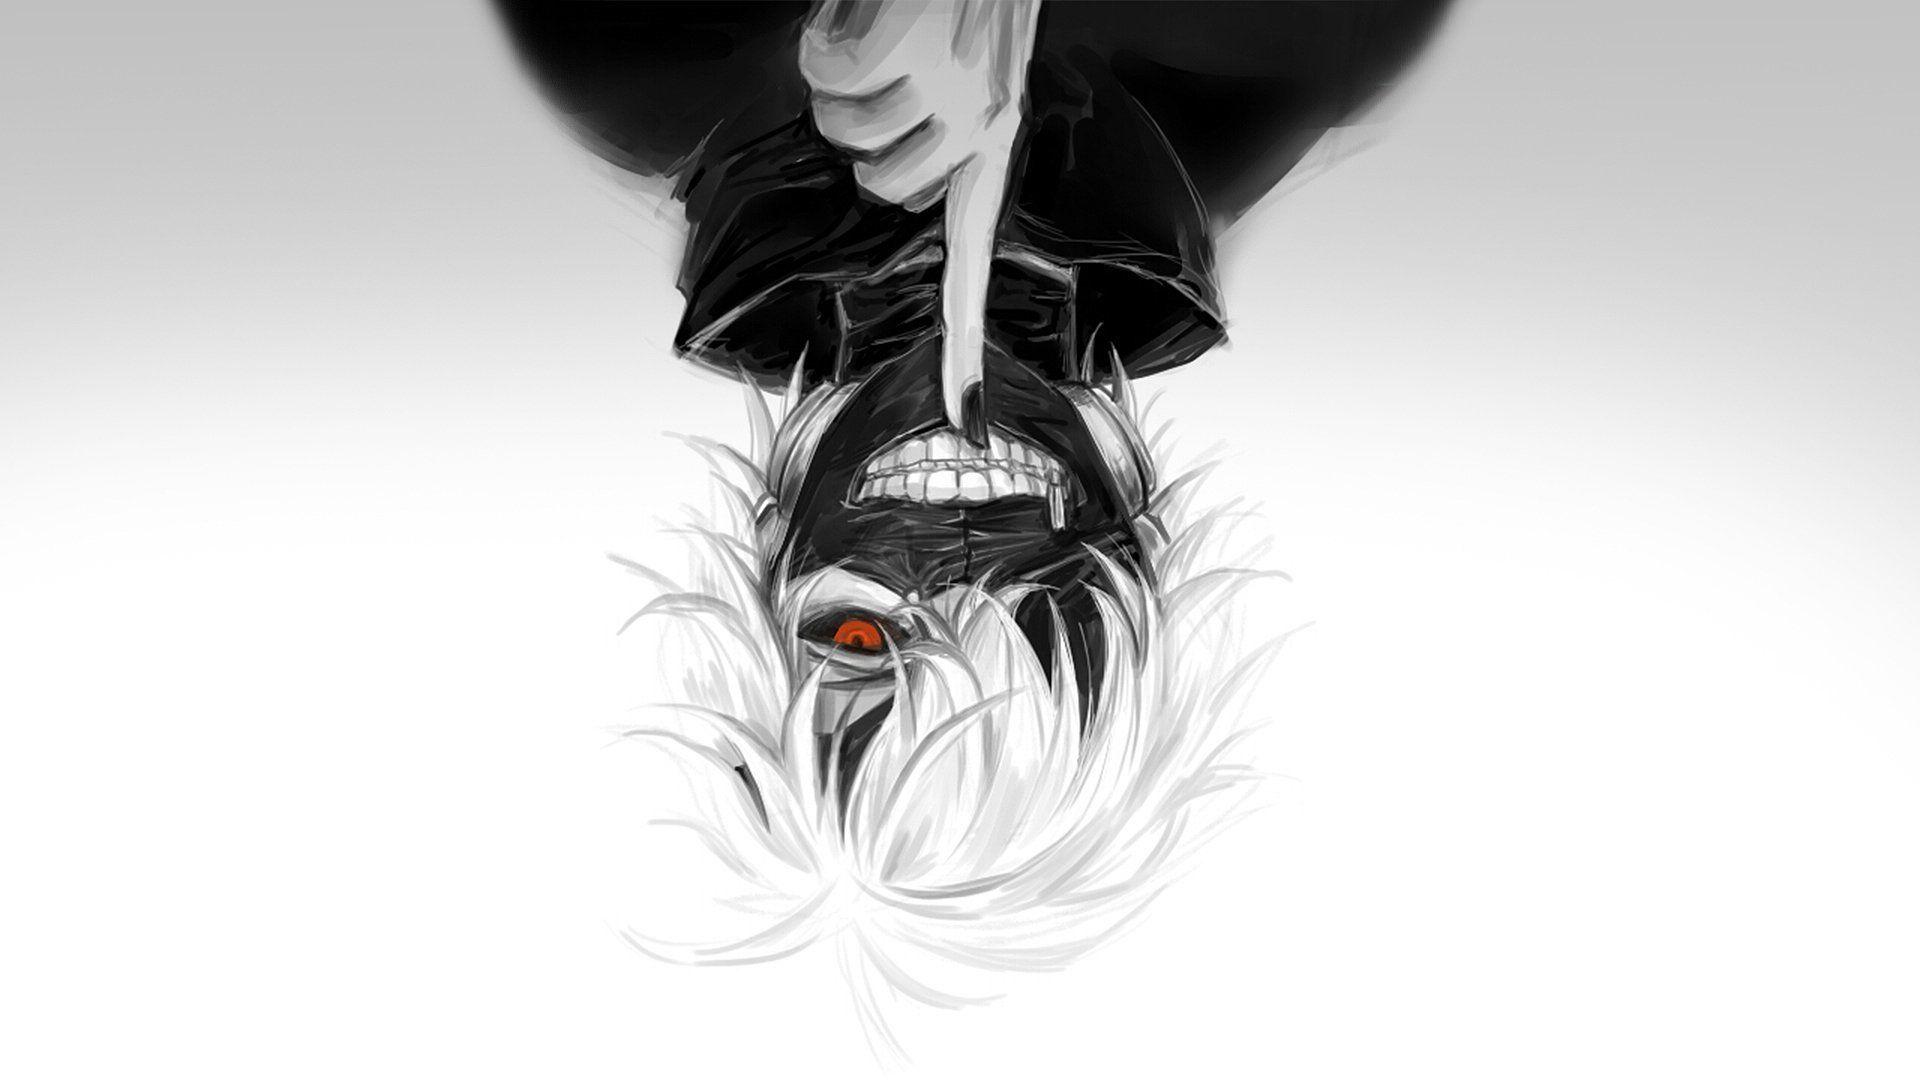 Hình nền đen trắng anime Tokyo Ghoul cực đẹp